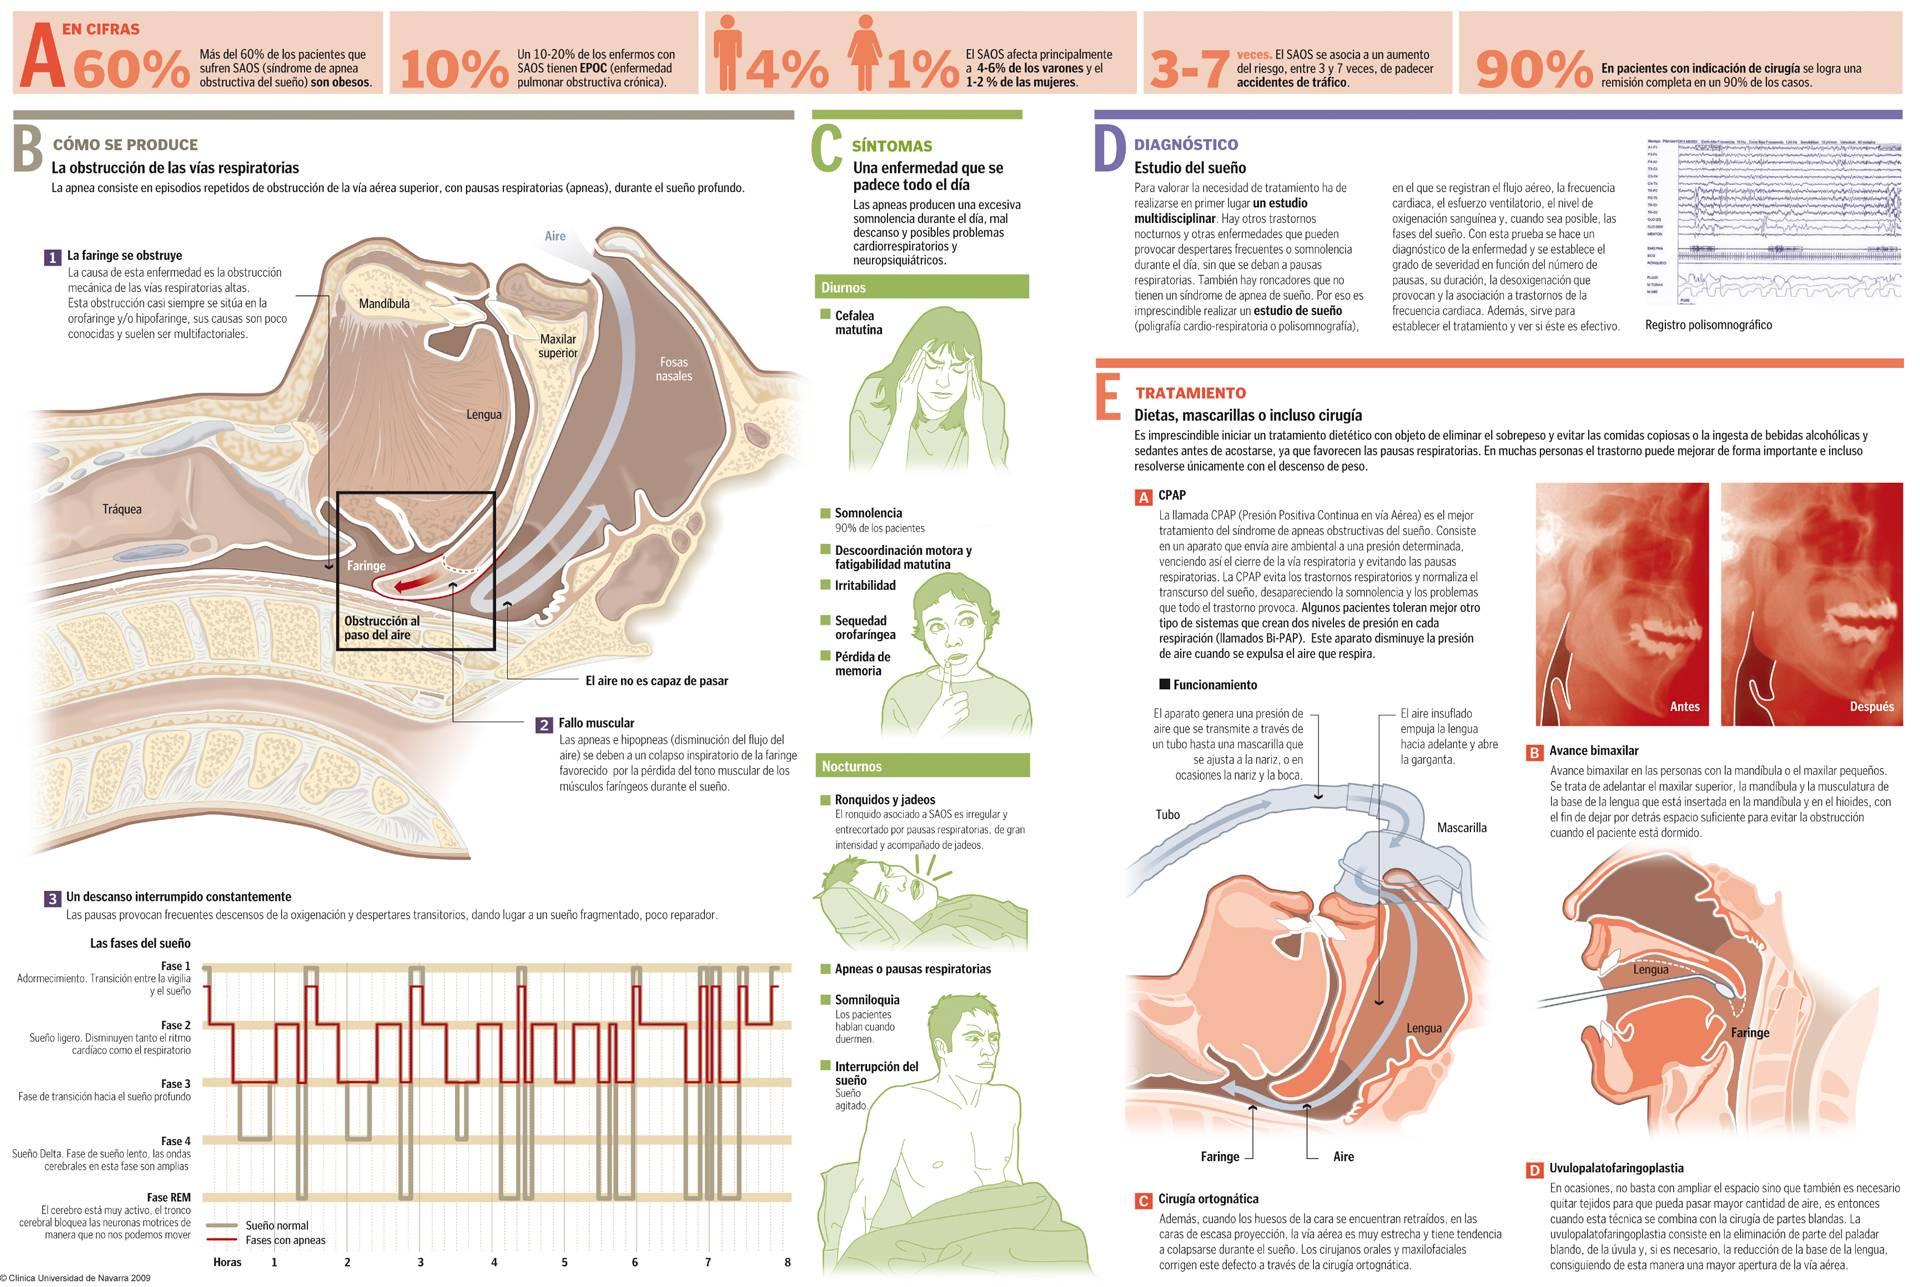 Cómo detener la micción frecuente durante el sueño